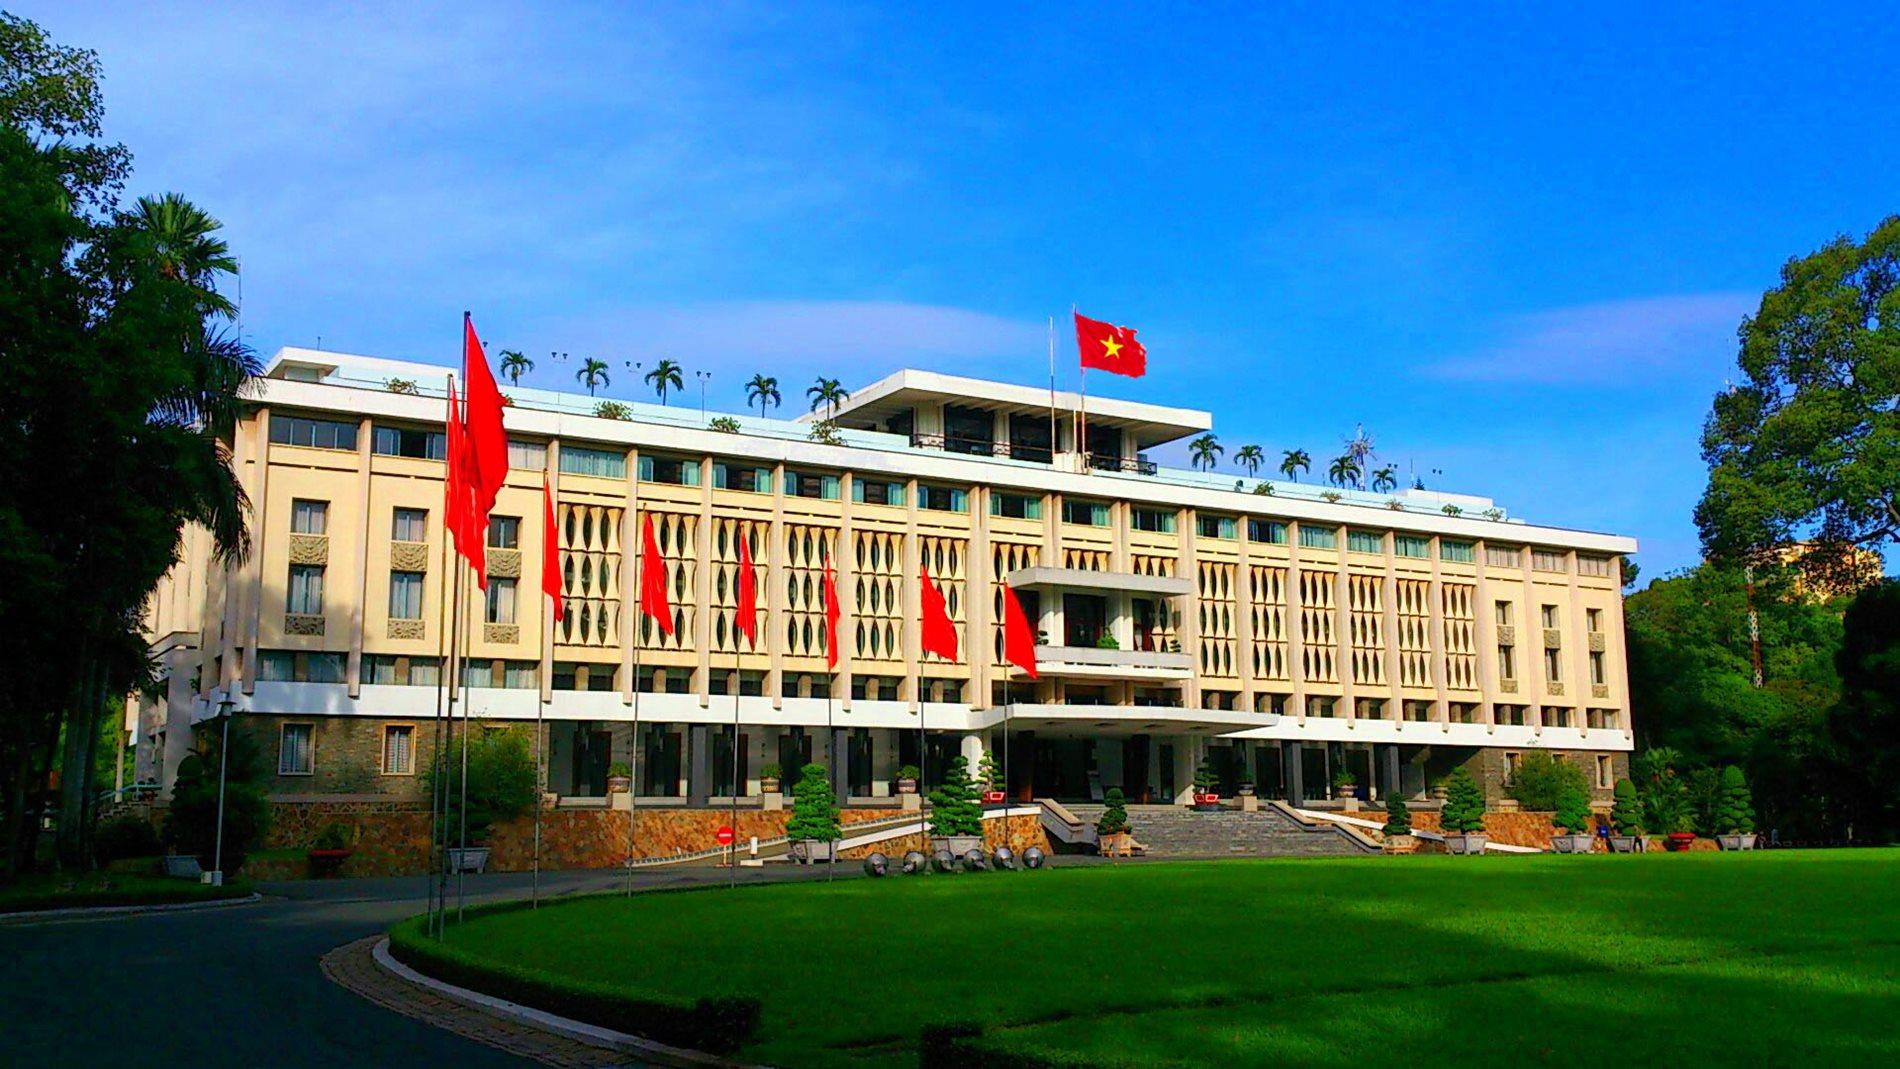 Les ouvrages architecturaux célèbres de Hô Chi Minh-Ville